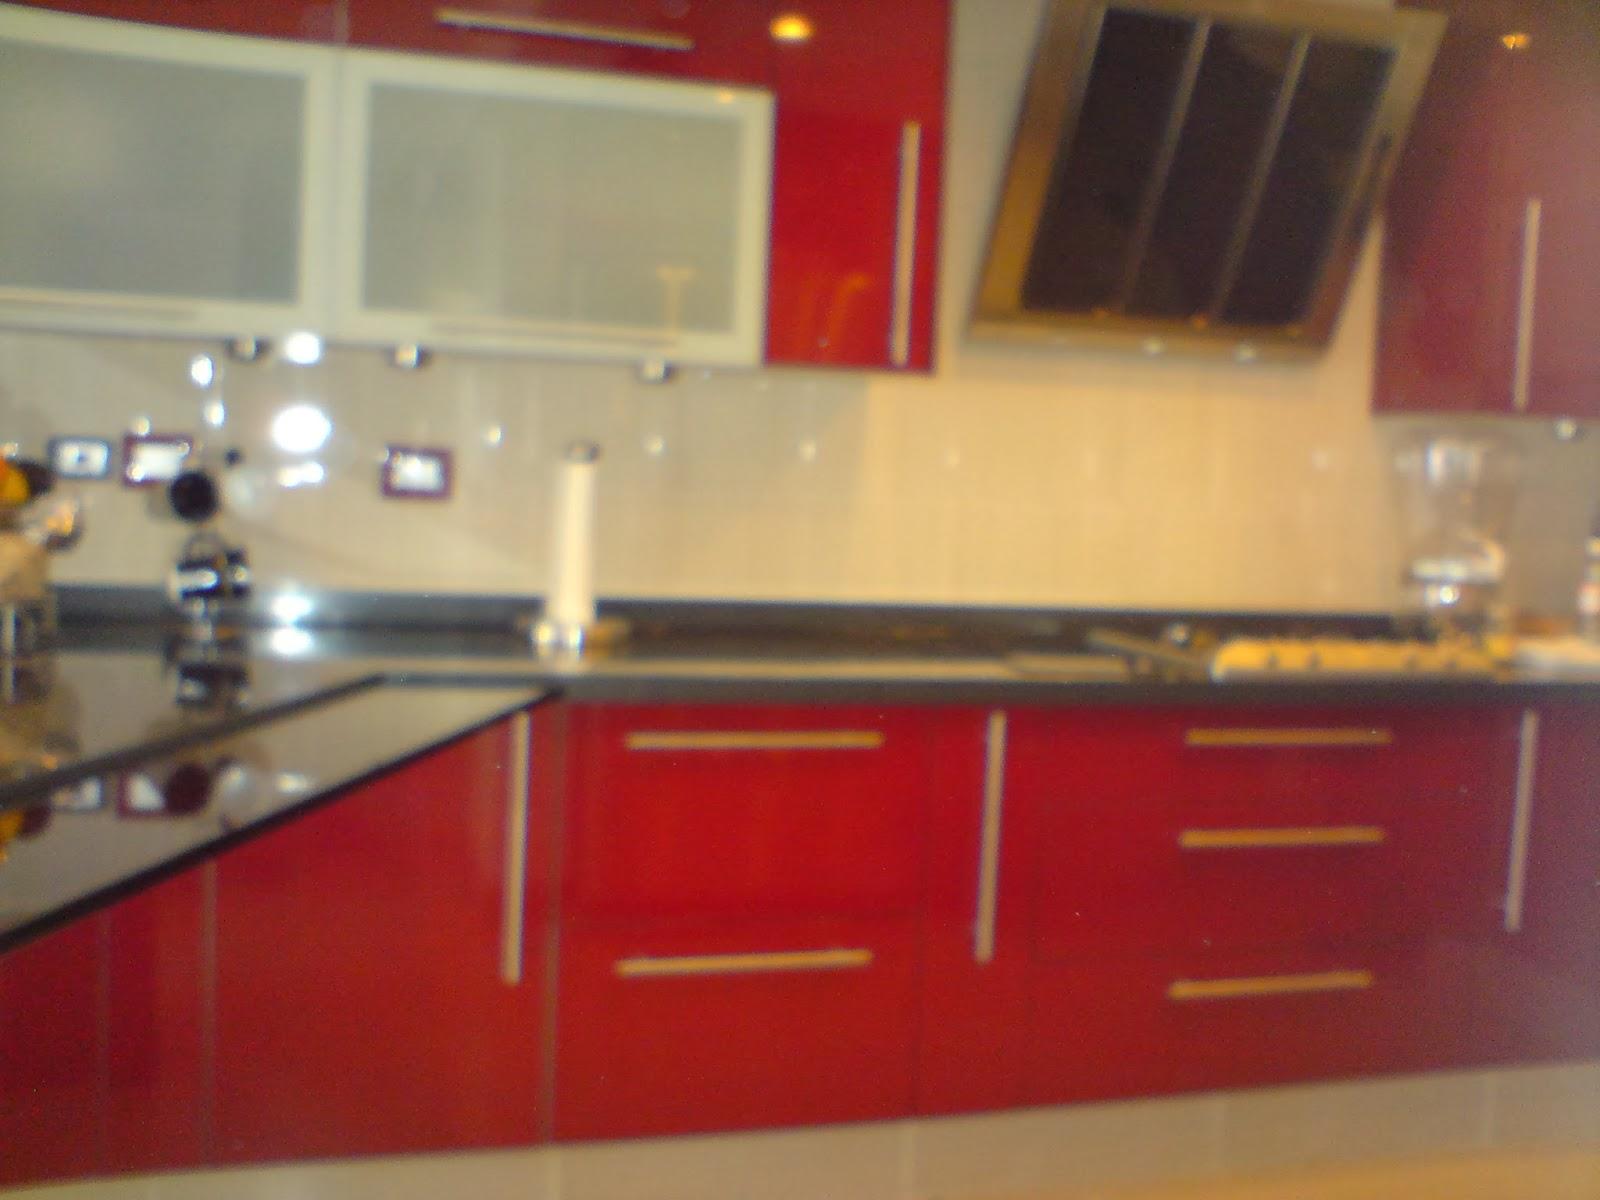 Diseño en Cocinas Integrales: Galeria Cocinas material Importado